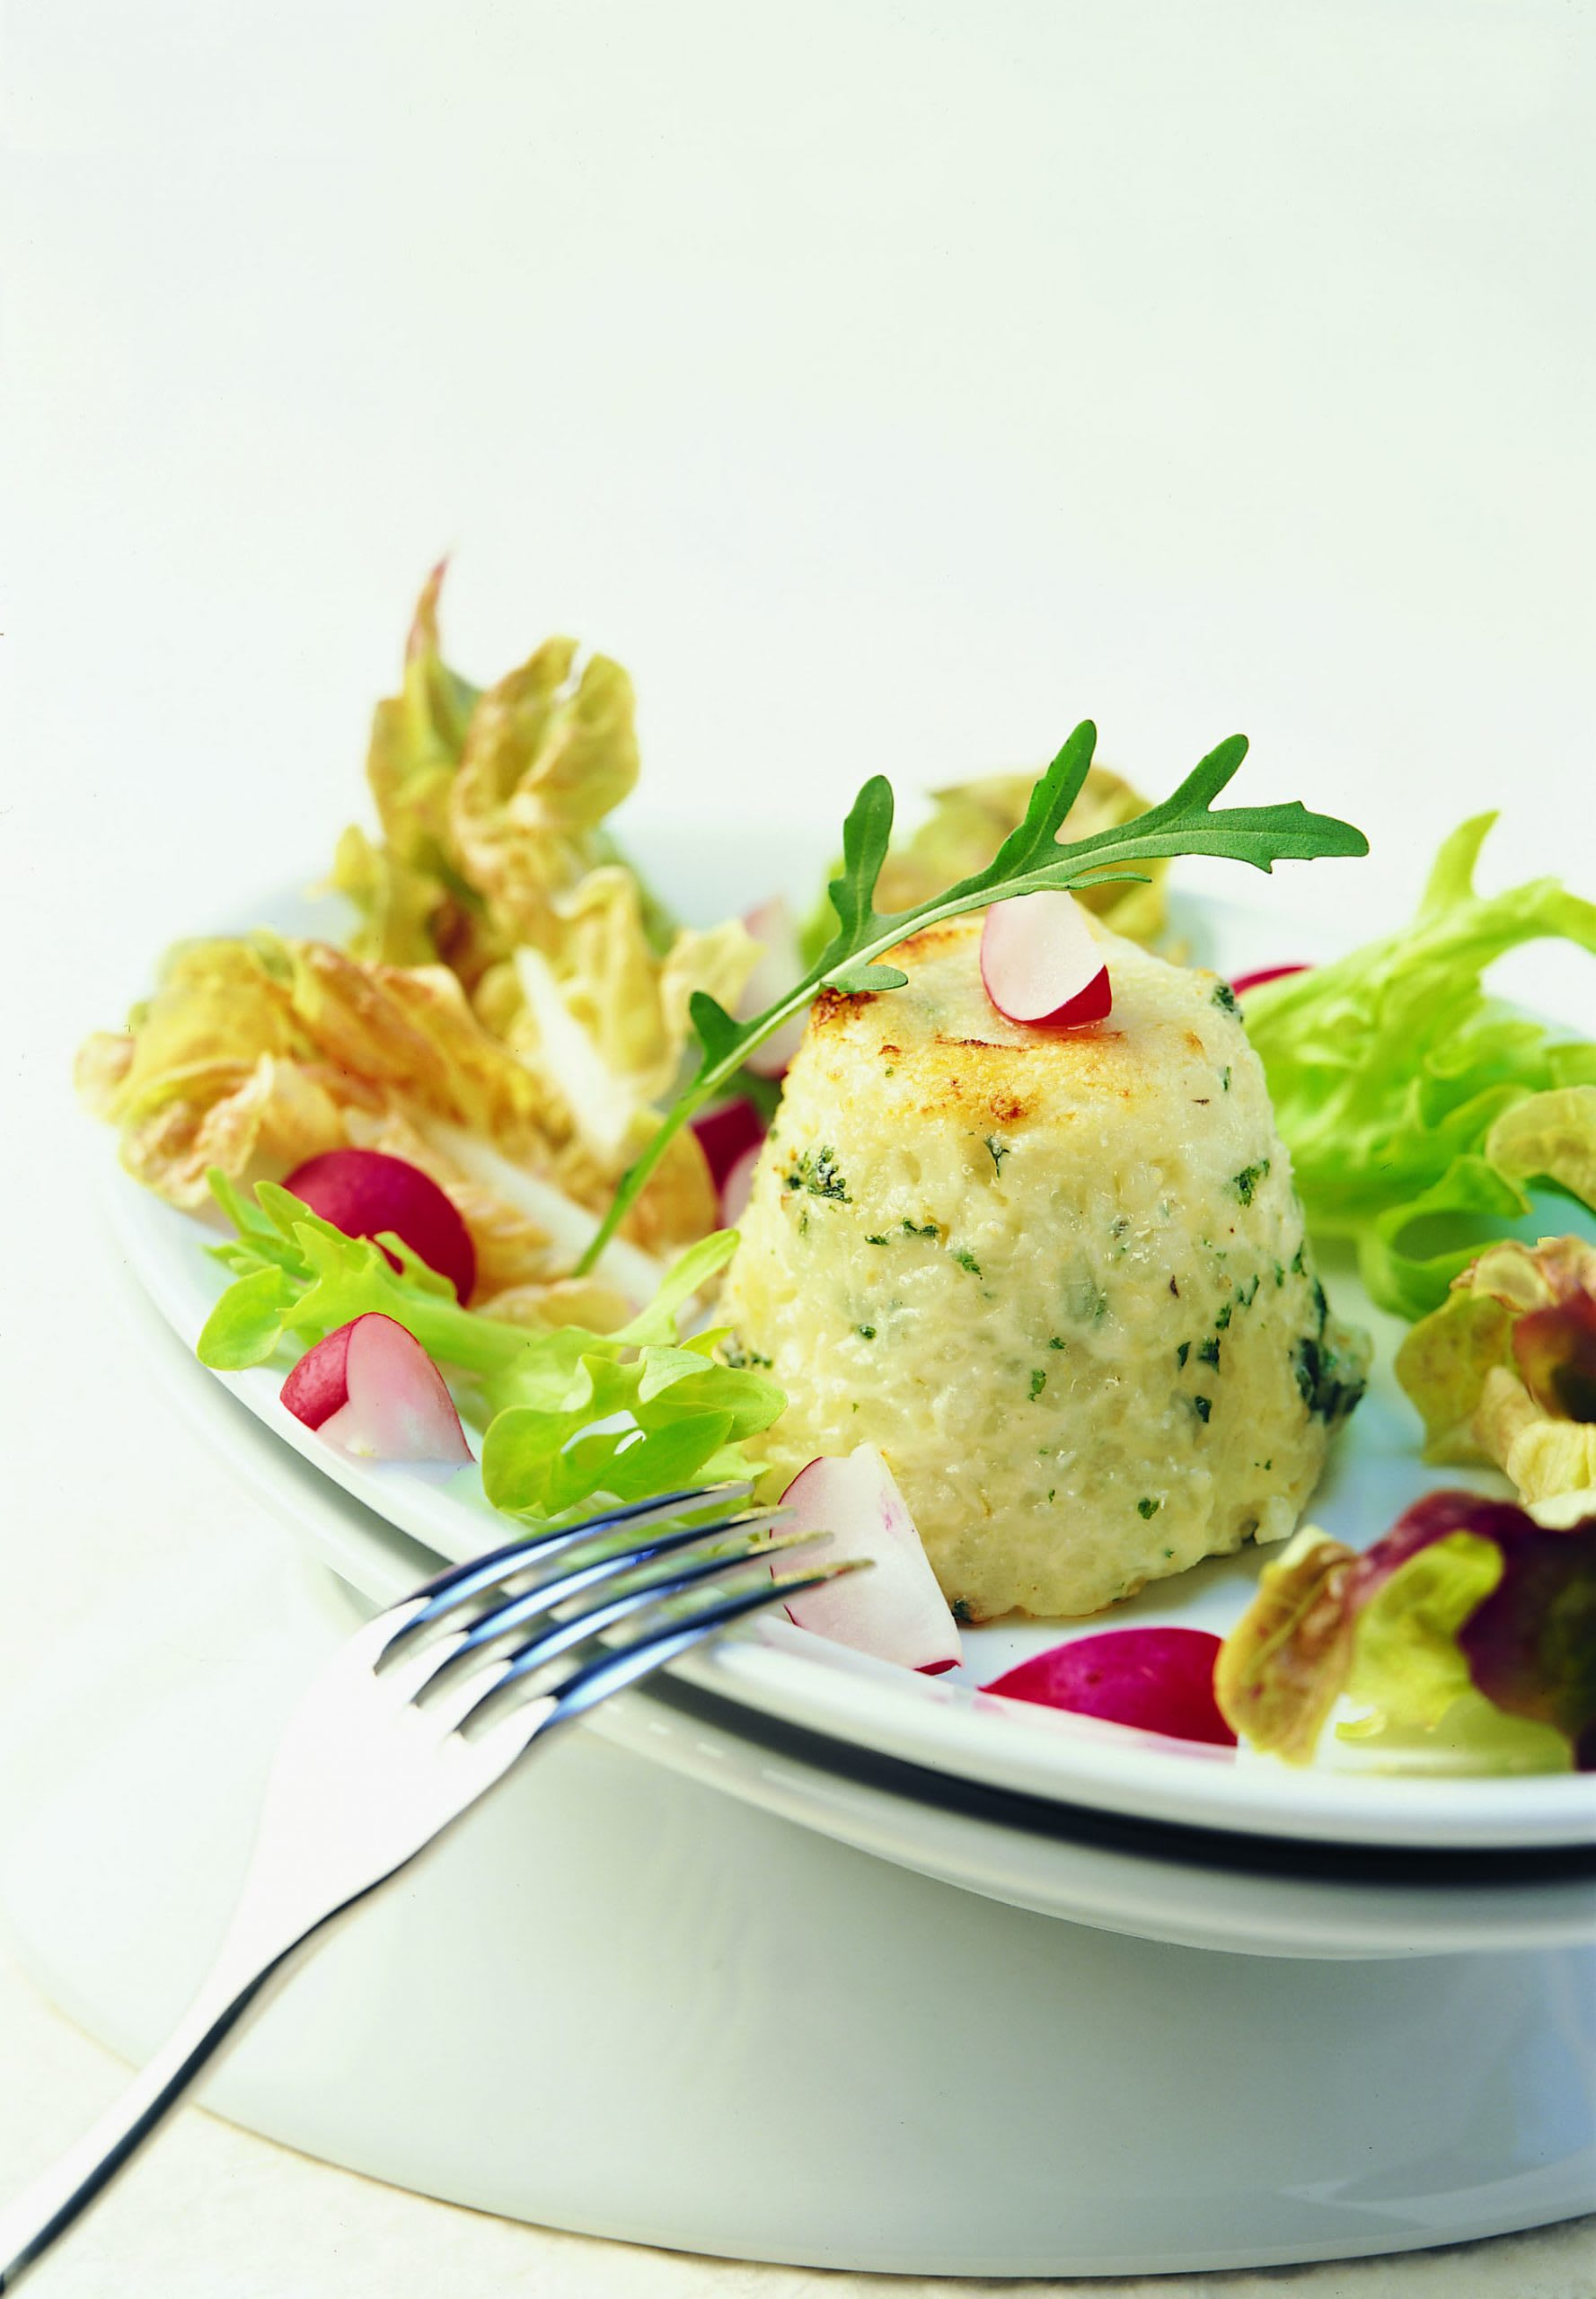 Milchreisköpfchen auf Salat